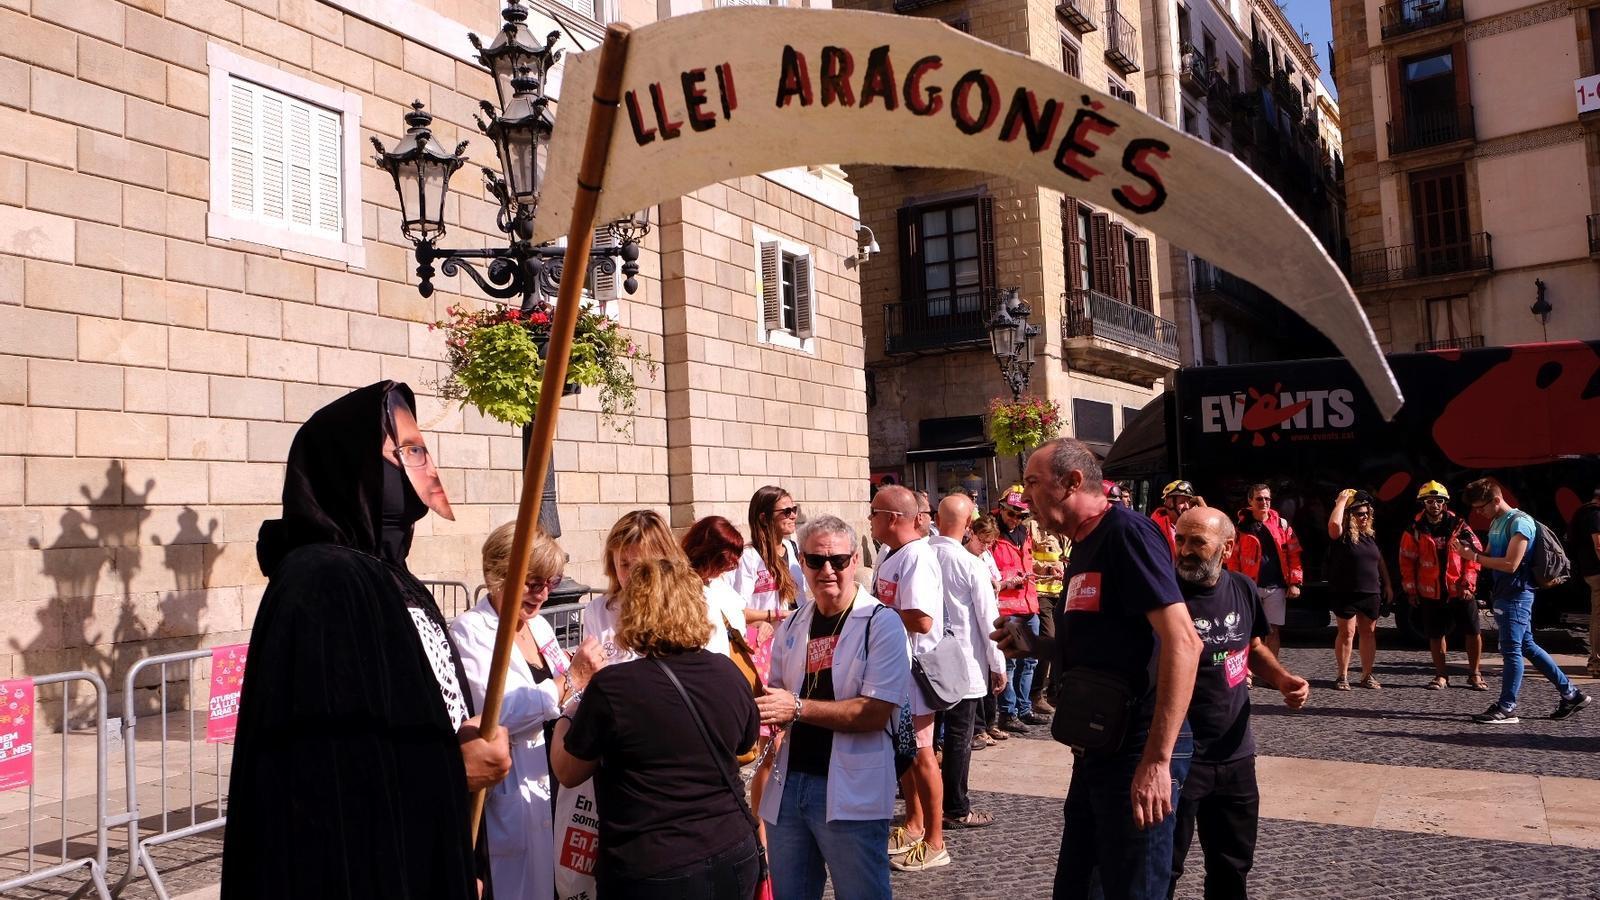 La nova plataforma contra la llei Aragonès anuncia mobilitzacions aquesta tardor